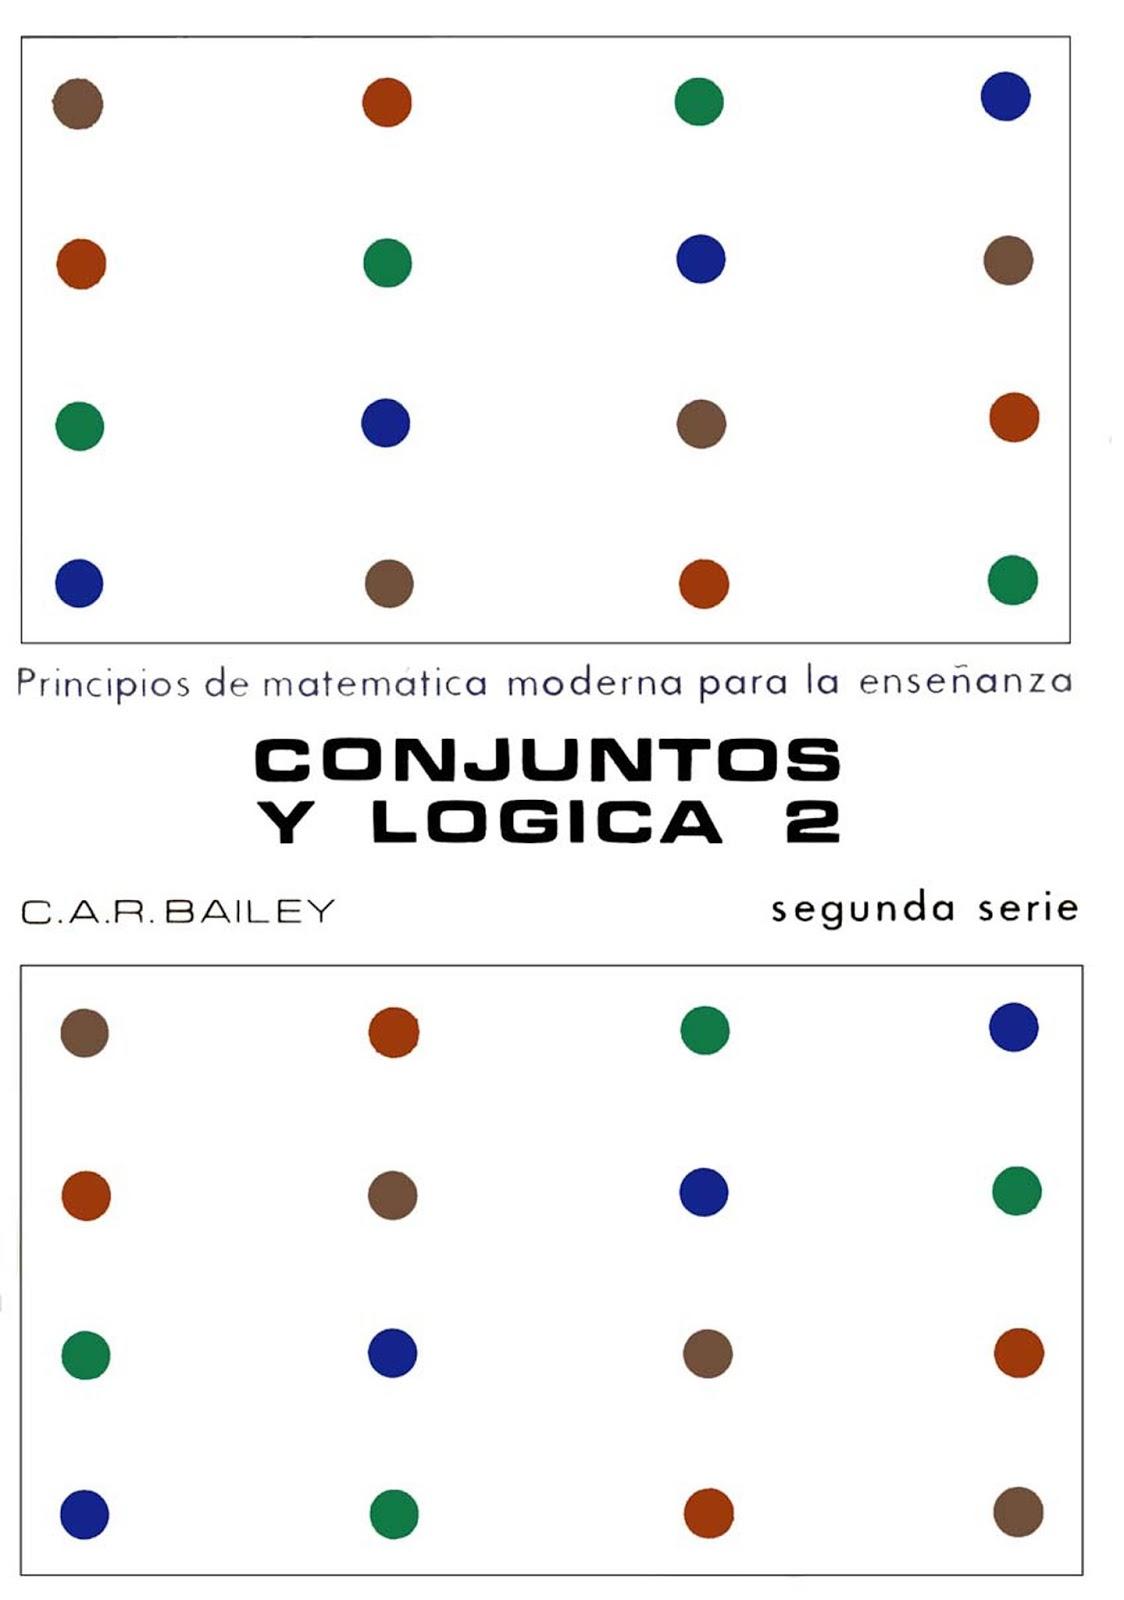 Conjuntos y Lógica 2 – C. A. R. Bailey